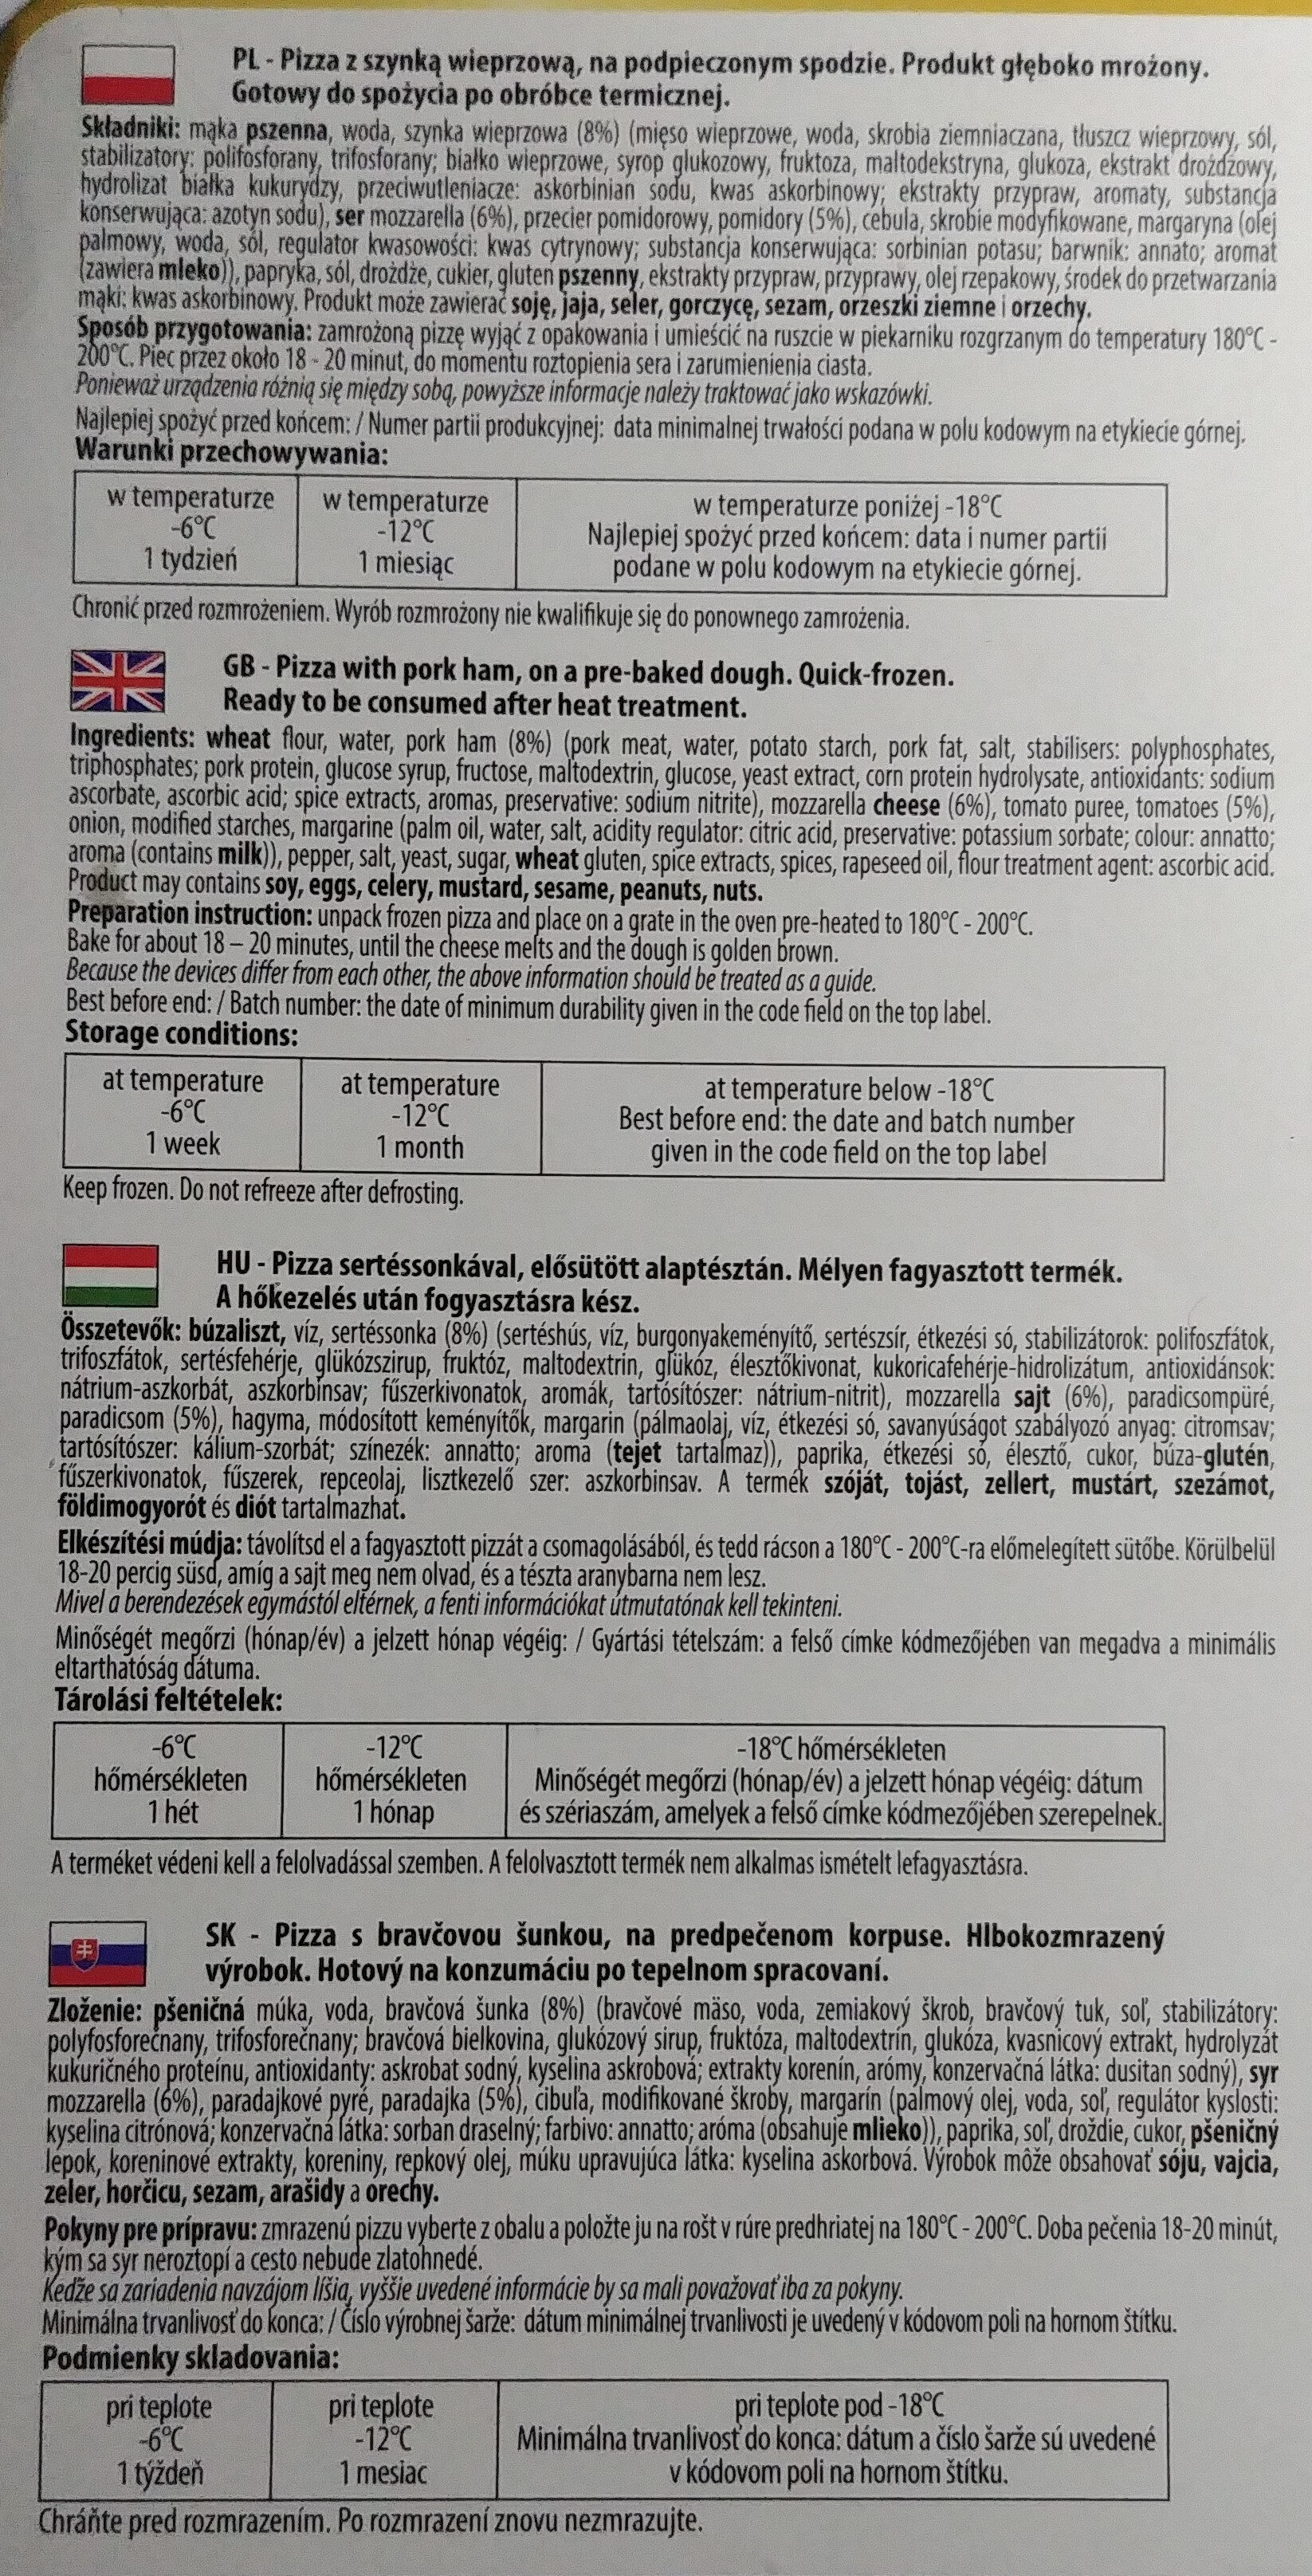 Pizza z szynką wieprzową, na podopiecznym spodzie. - Inhaltsstoffe - pl